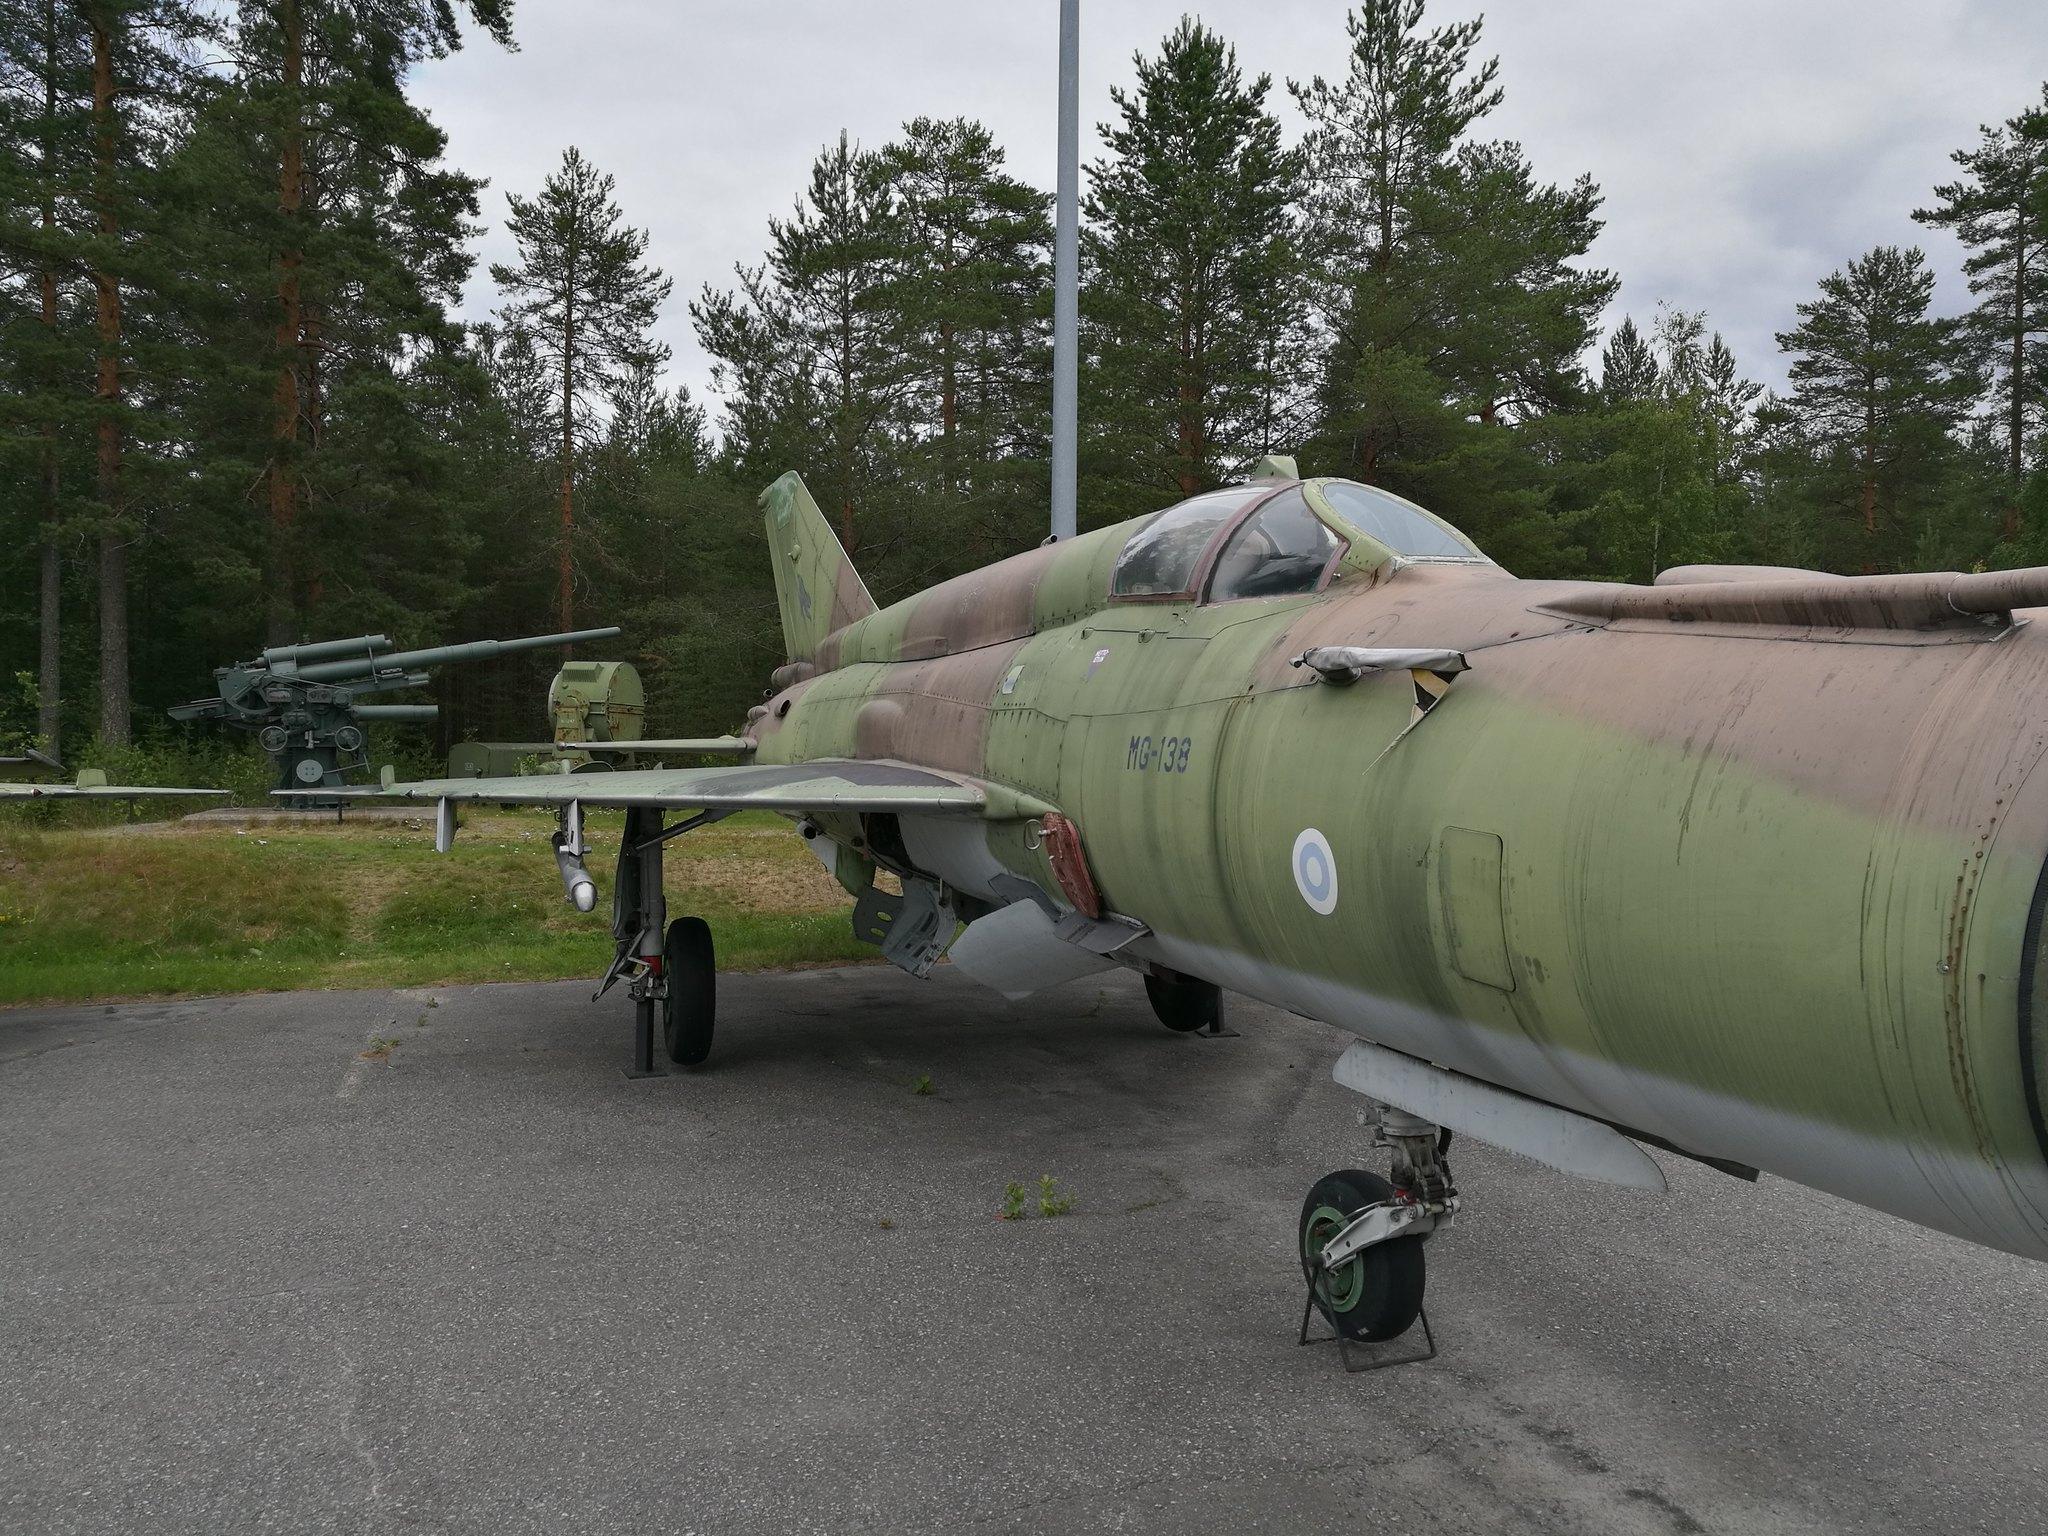 Hemkommen från semester i Finland med utflykt till Finlands Flygvapenmuseum. 48287368391_6ced623ddc_k